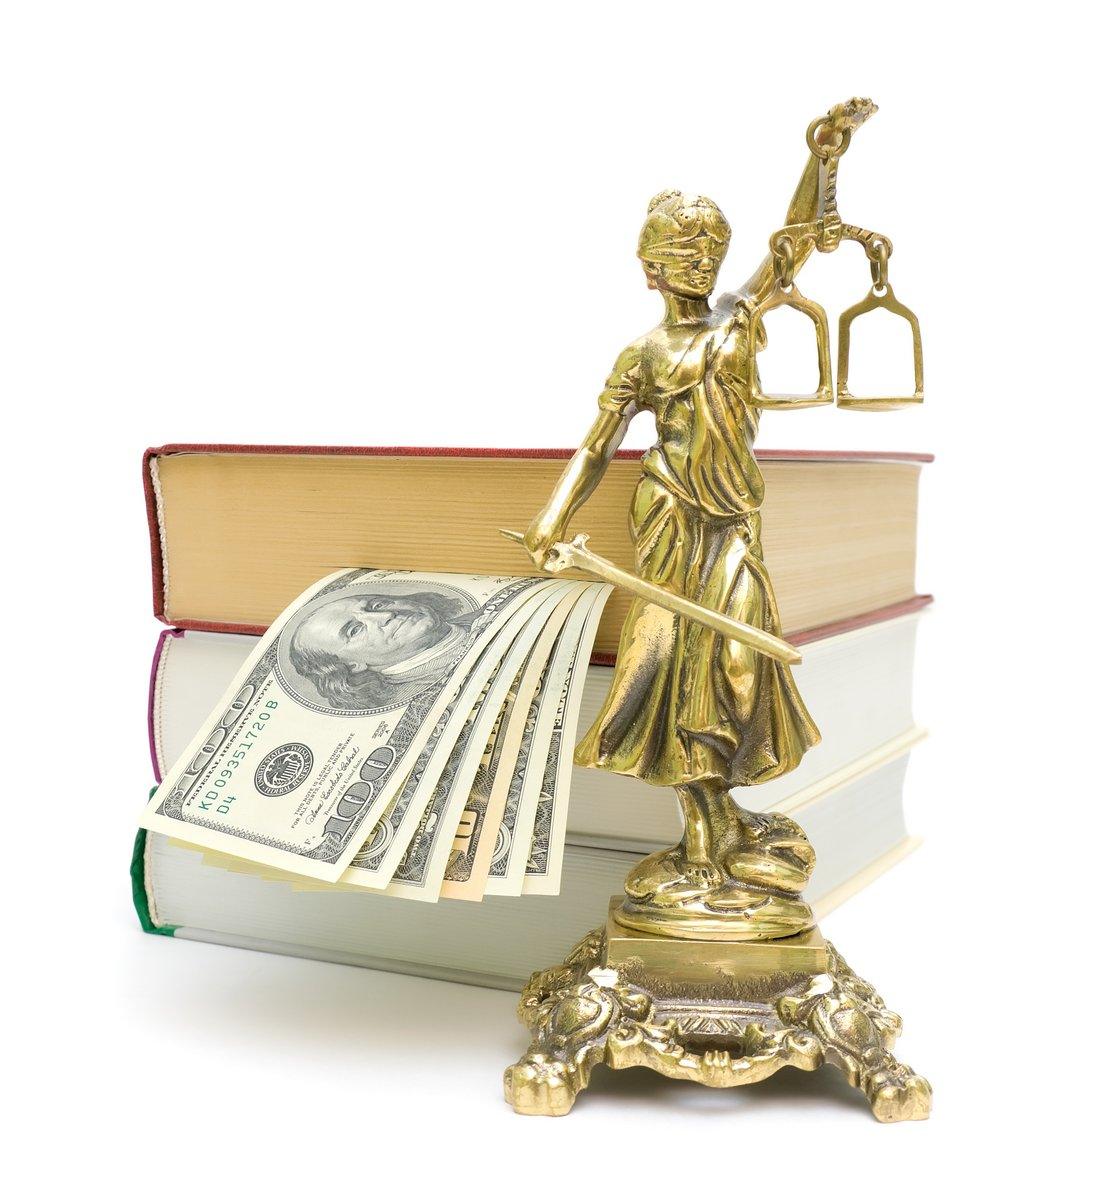 Постер Юридические услуги Статуя правосудия, деньги и книги на белом фонеЮридические услуги<br>Постер на холсте или бумаге. Любого нужного вам размера. В раме или без. Подвес в комплекте. Трехслойная надежная упаковка. Доставим в любую точку России. Вам осталось только повесить картину на стену!<br>